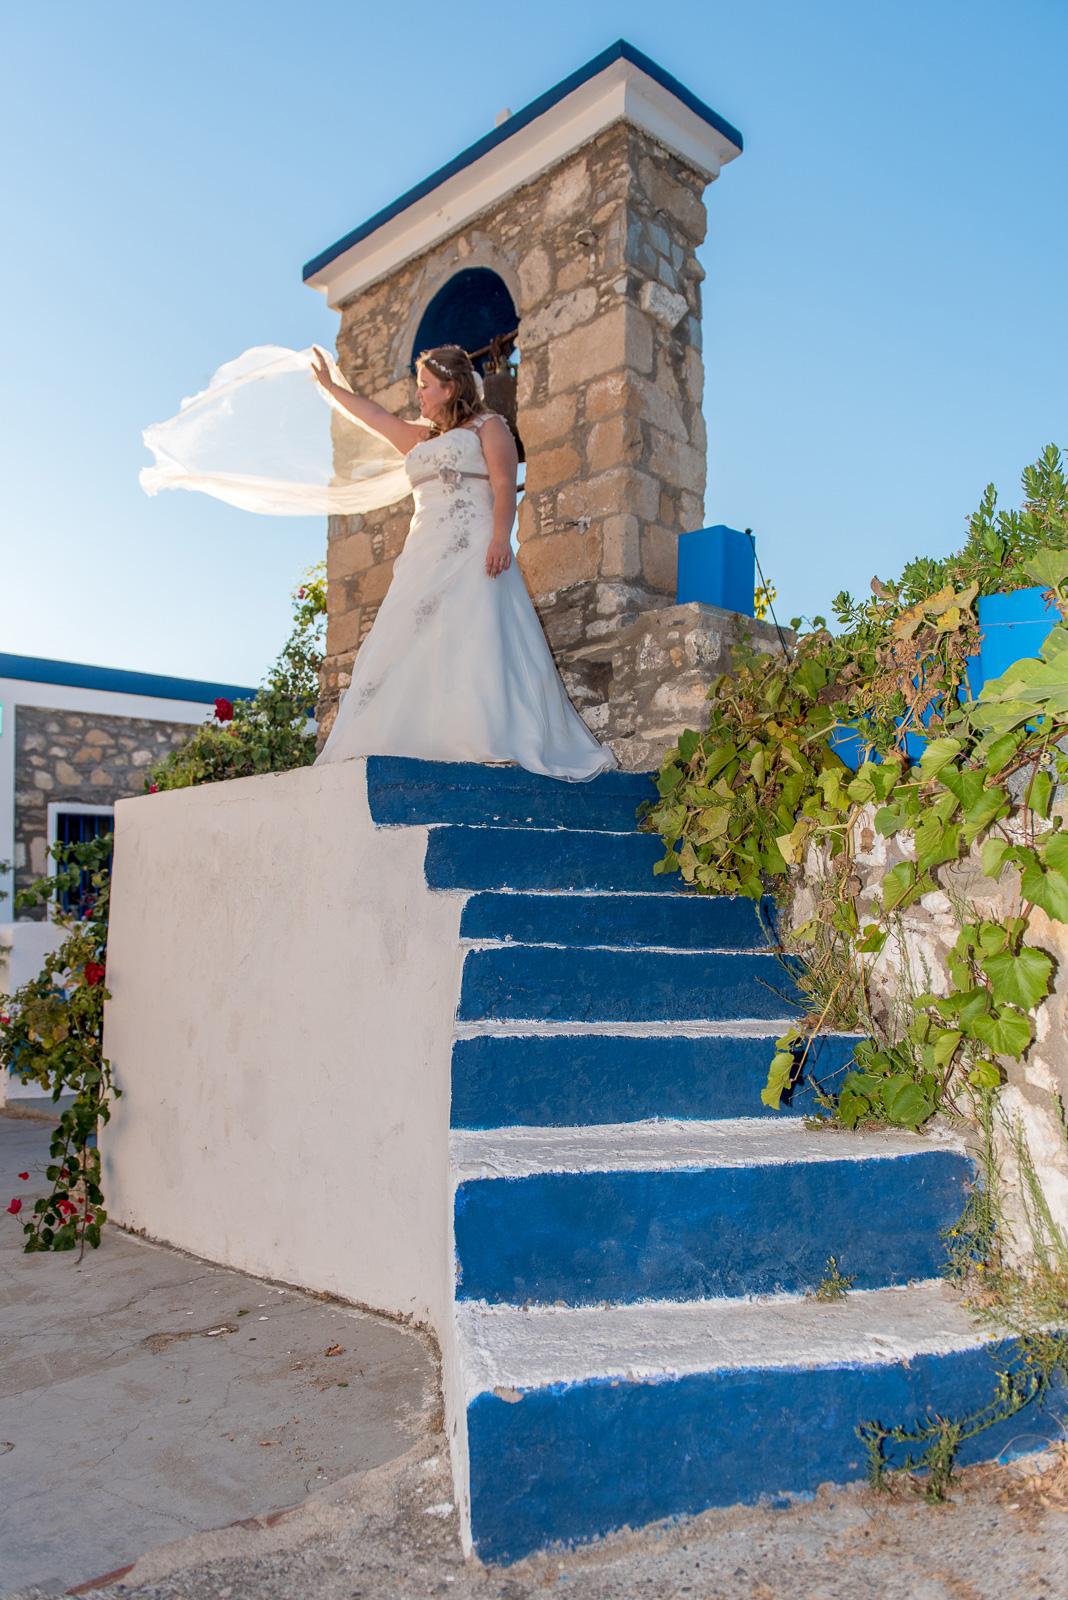 Dream wedding in Greek island